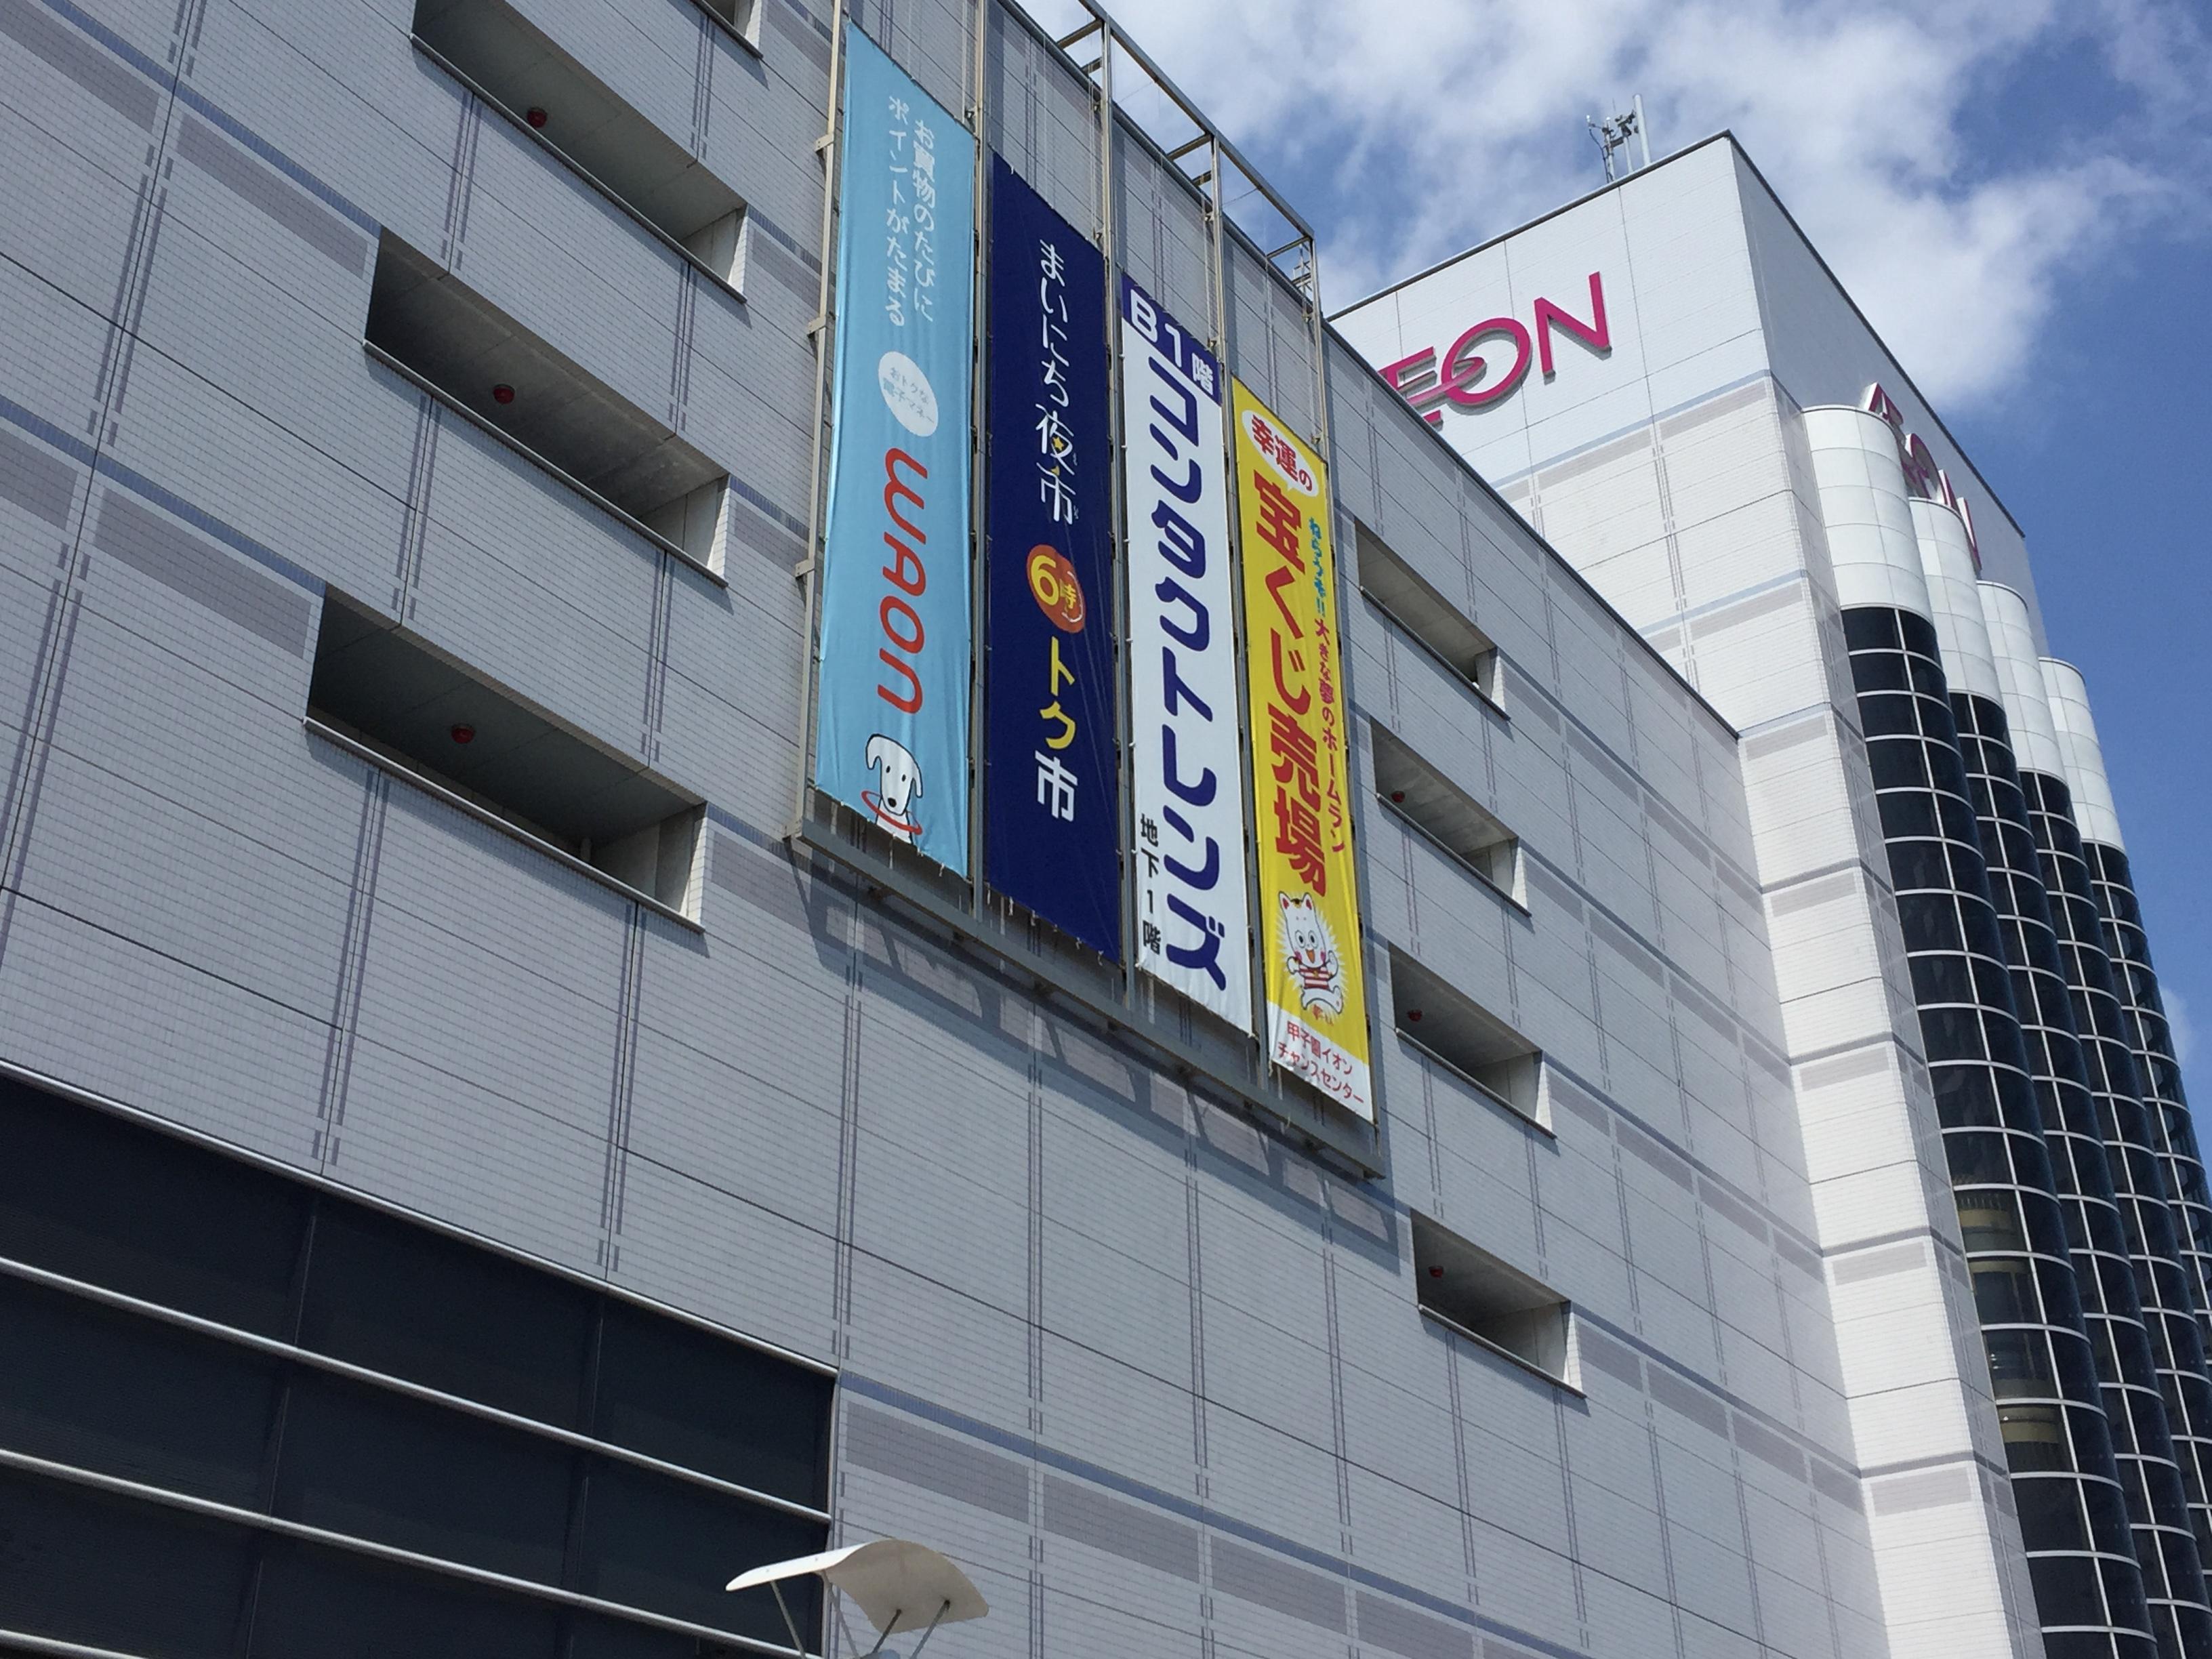 阪神甲子園駅前にある「イオン甲子園店」10月1日に食品フロアも閉店予定だよ【※閉店のお知らせ】#イオン甲子園